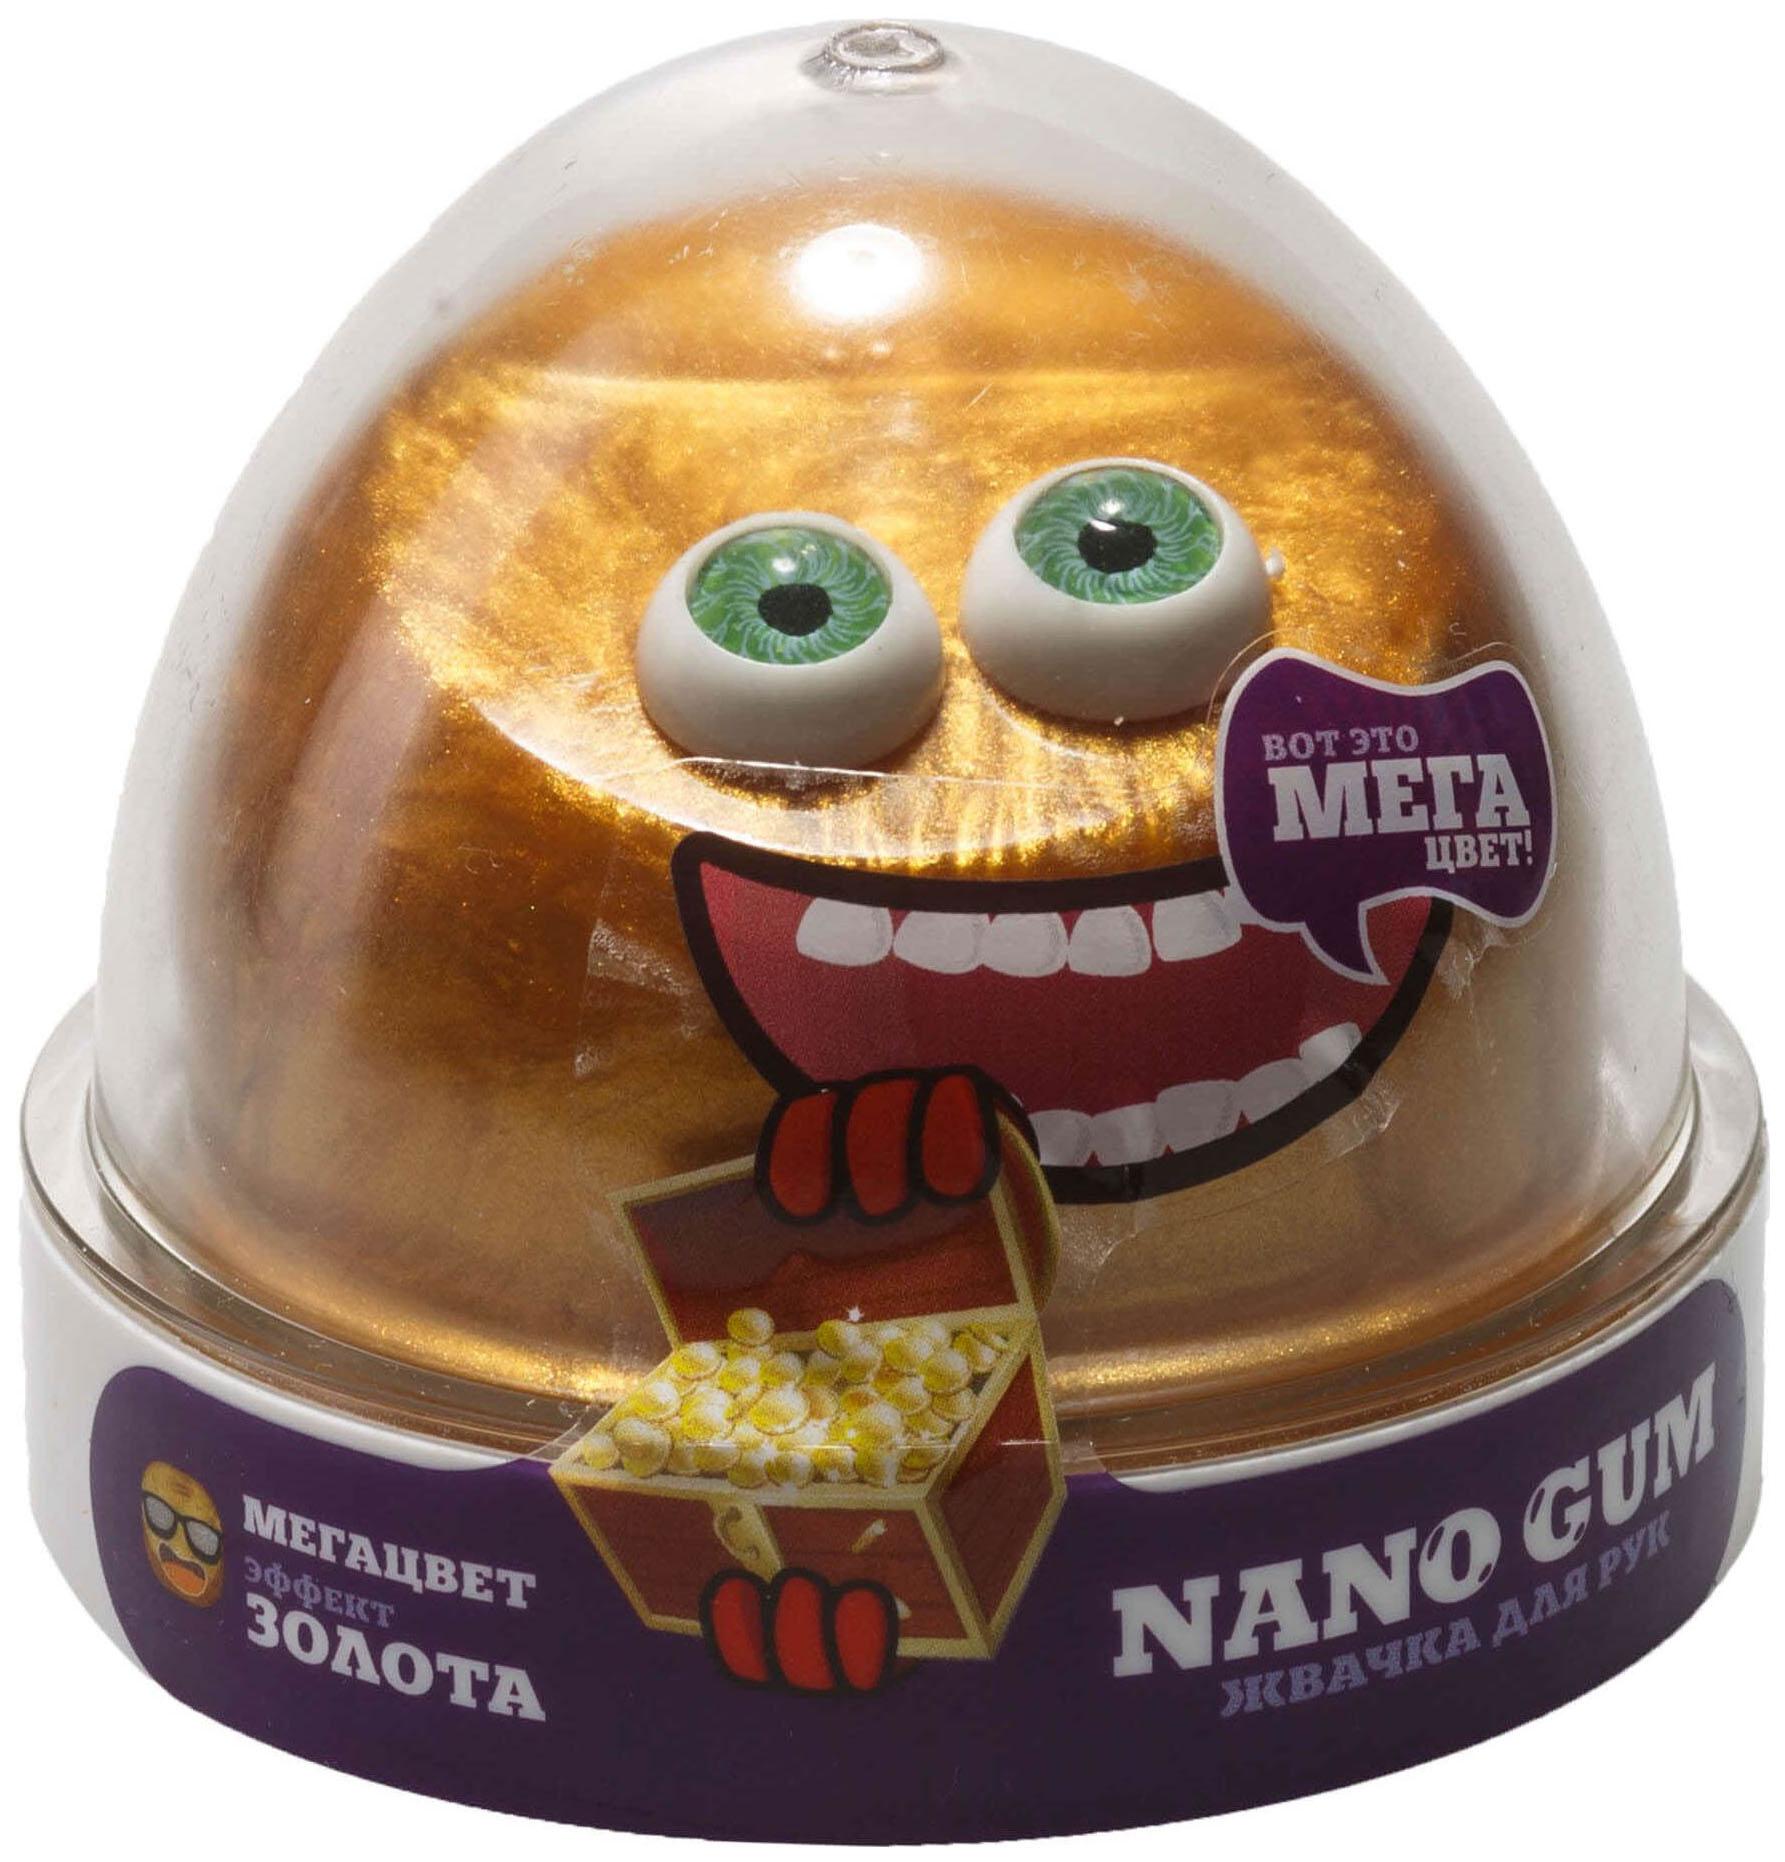 Жвачка для рук Волшебный мир nano gum эффект золота